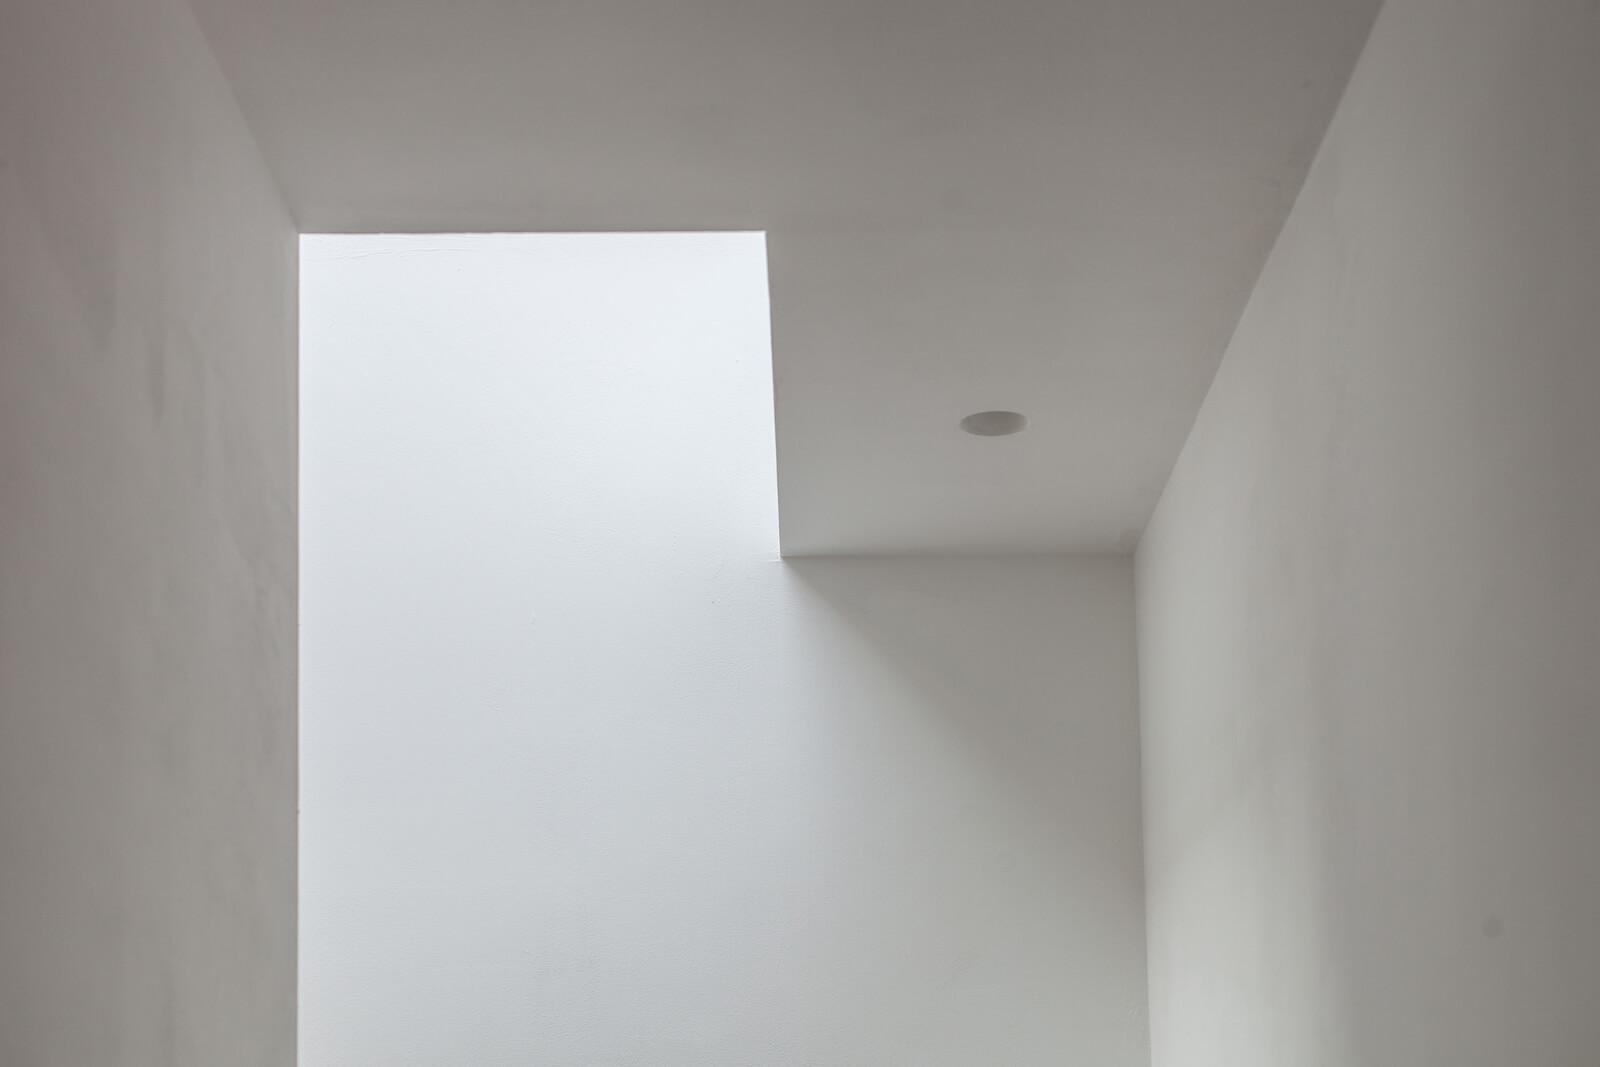 Eine Lichtstraße von Glazing Vision hilft, Tageslicht in das schmale, langgezogene Gebäude zu bringen.